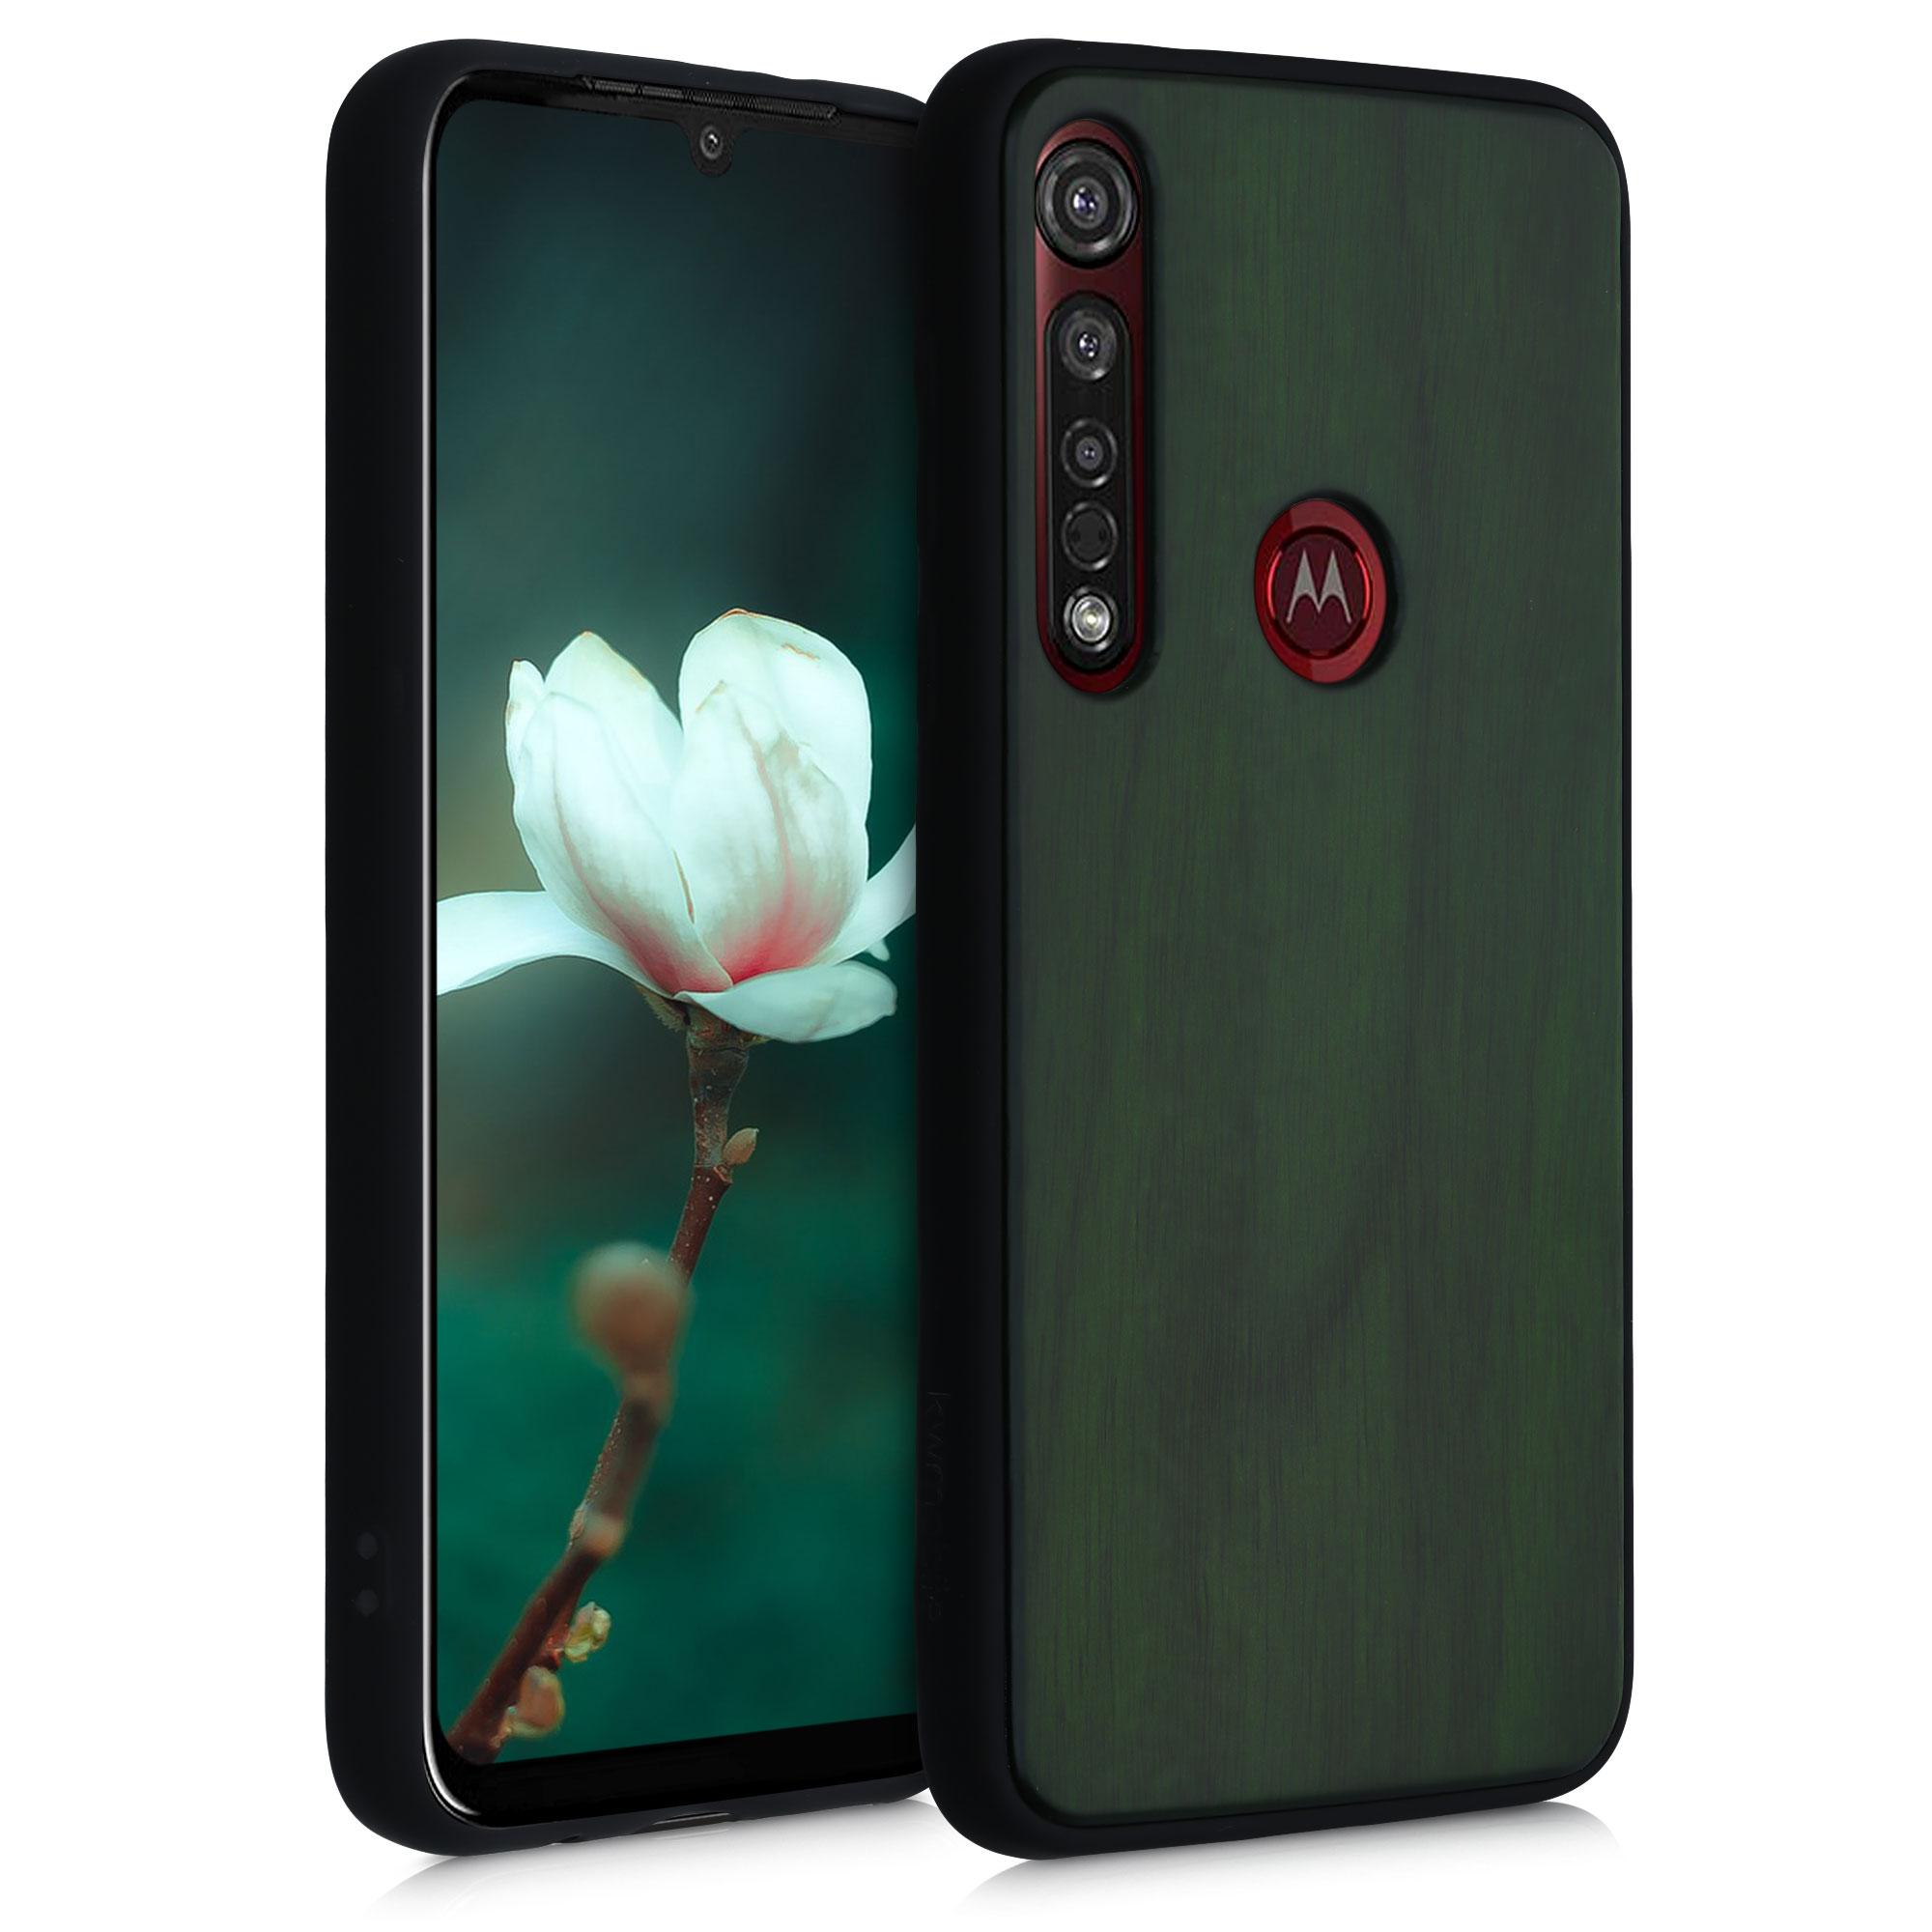 Dřevěné pouzdro | obal pro Motorola Moto G8 Plus - Tmavě zelená